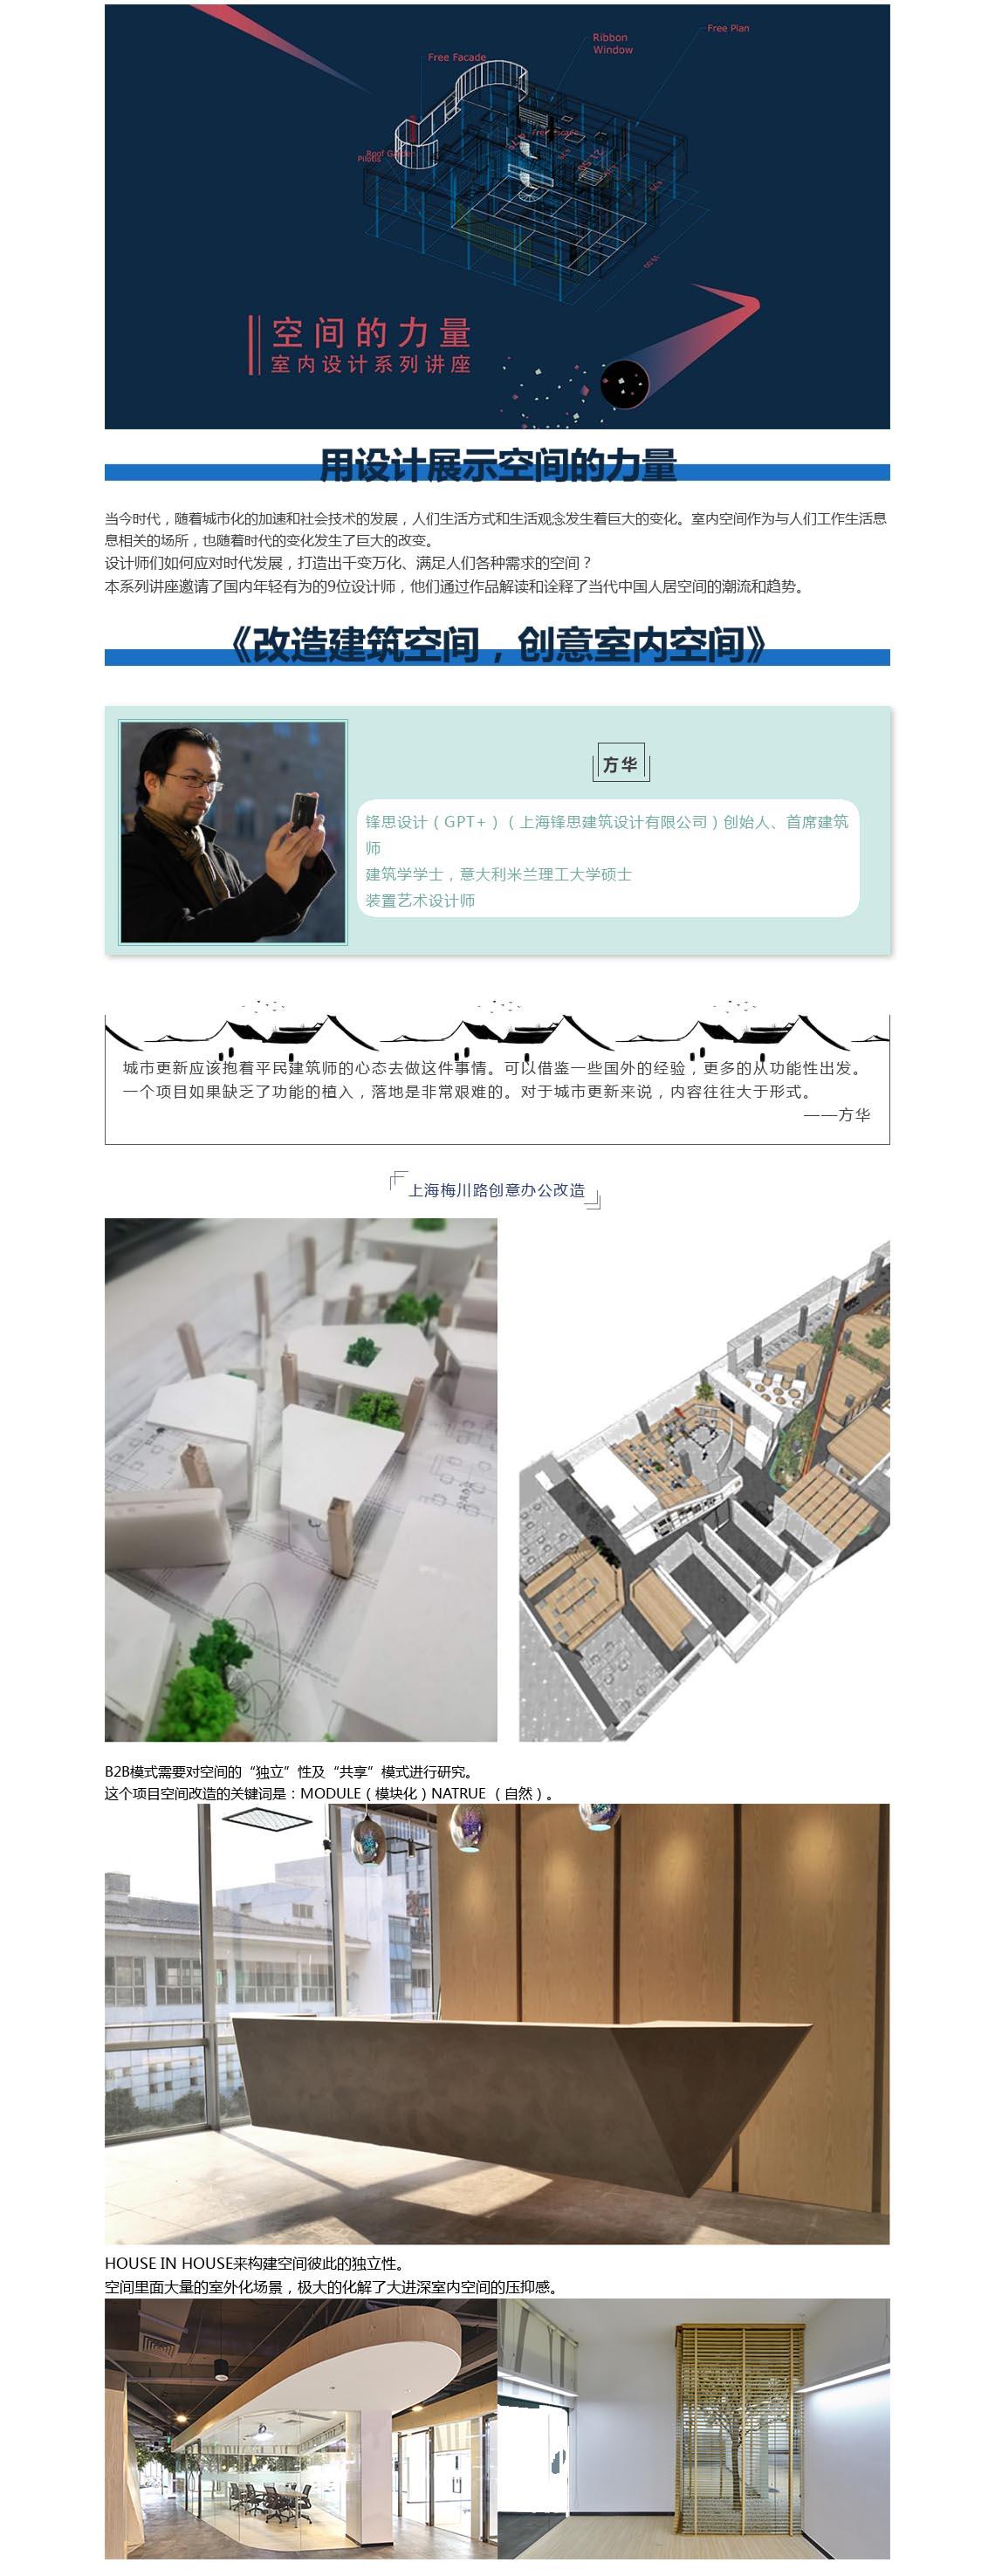 方华,锋思设计创始人,办公改造,城市更新,模块化,空间独立性